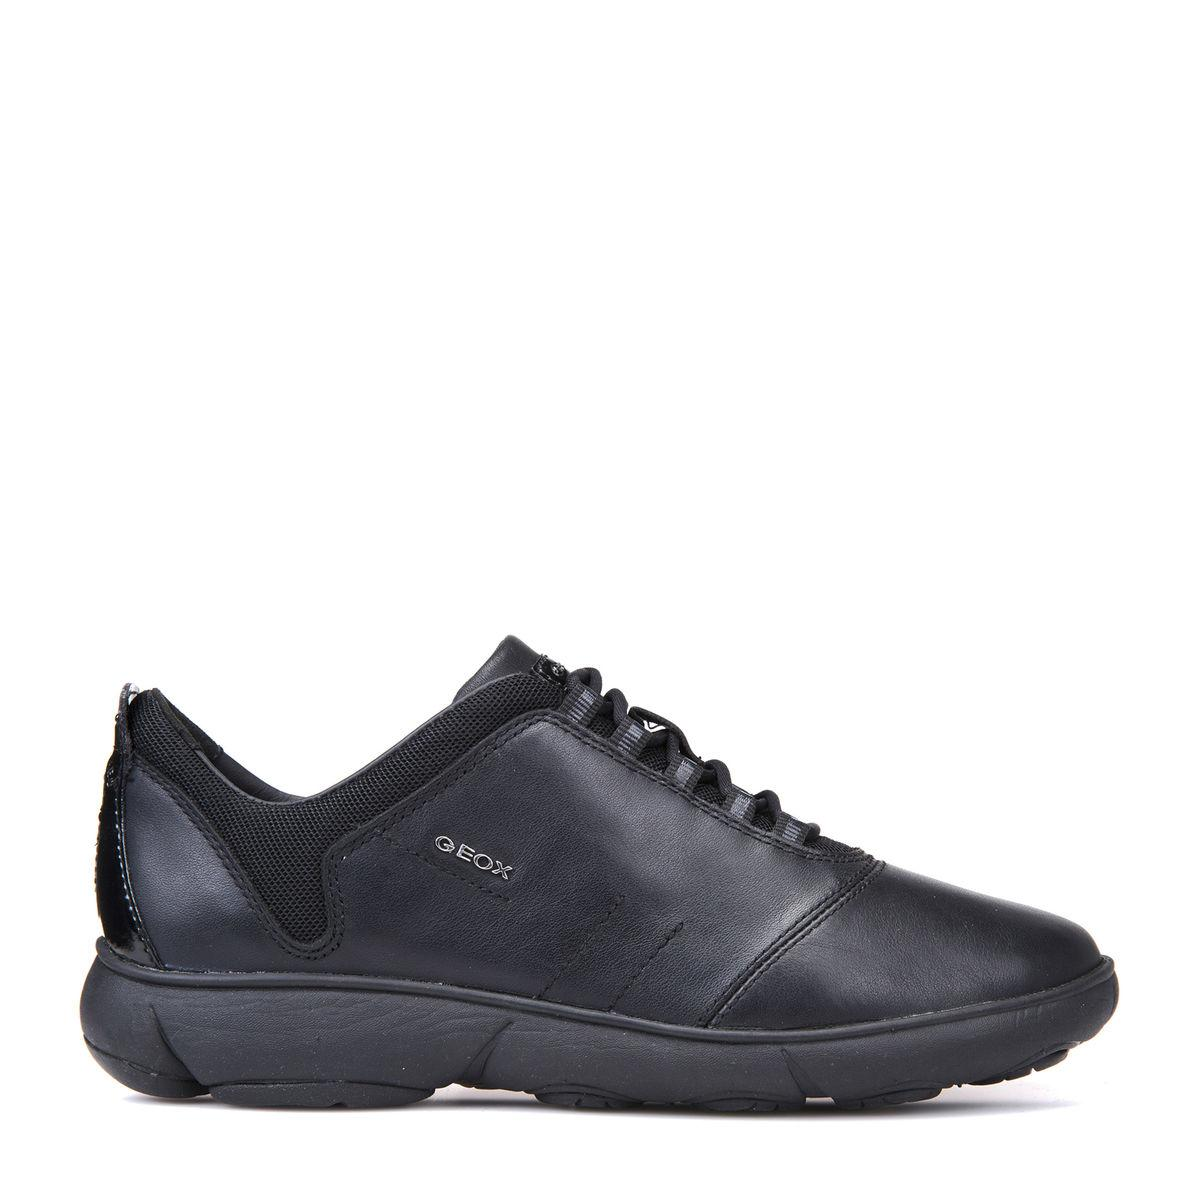 Sneaker Nera Lacci Geox Nebula D641ee Donna Pelle 80kOPnw